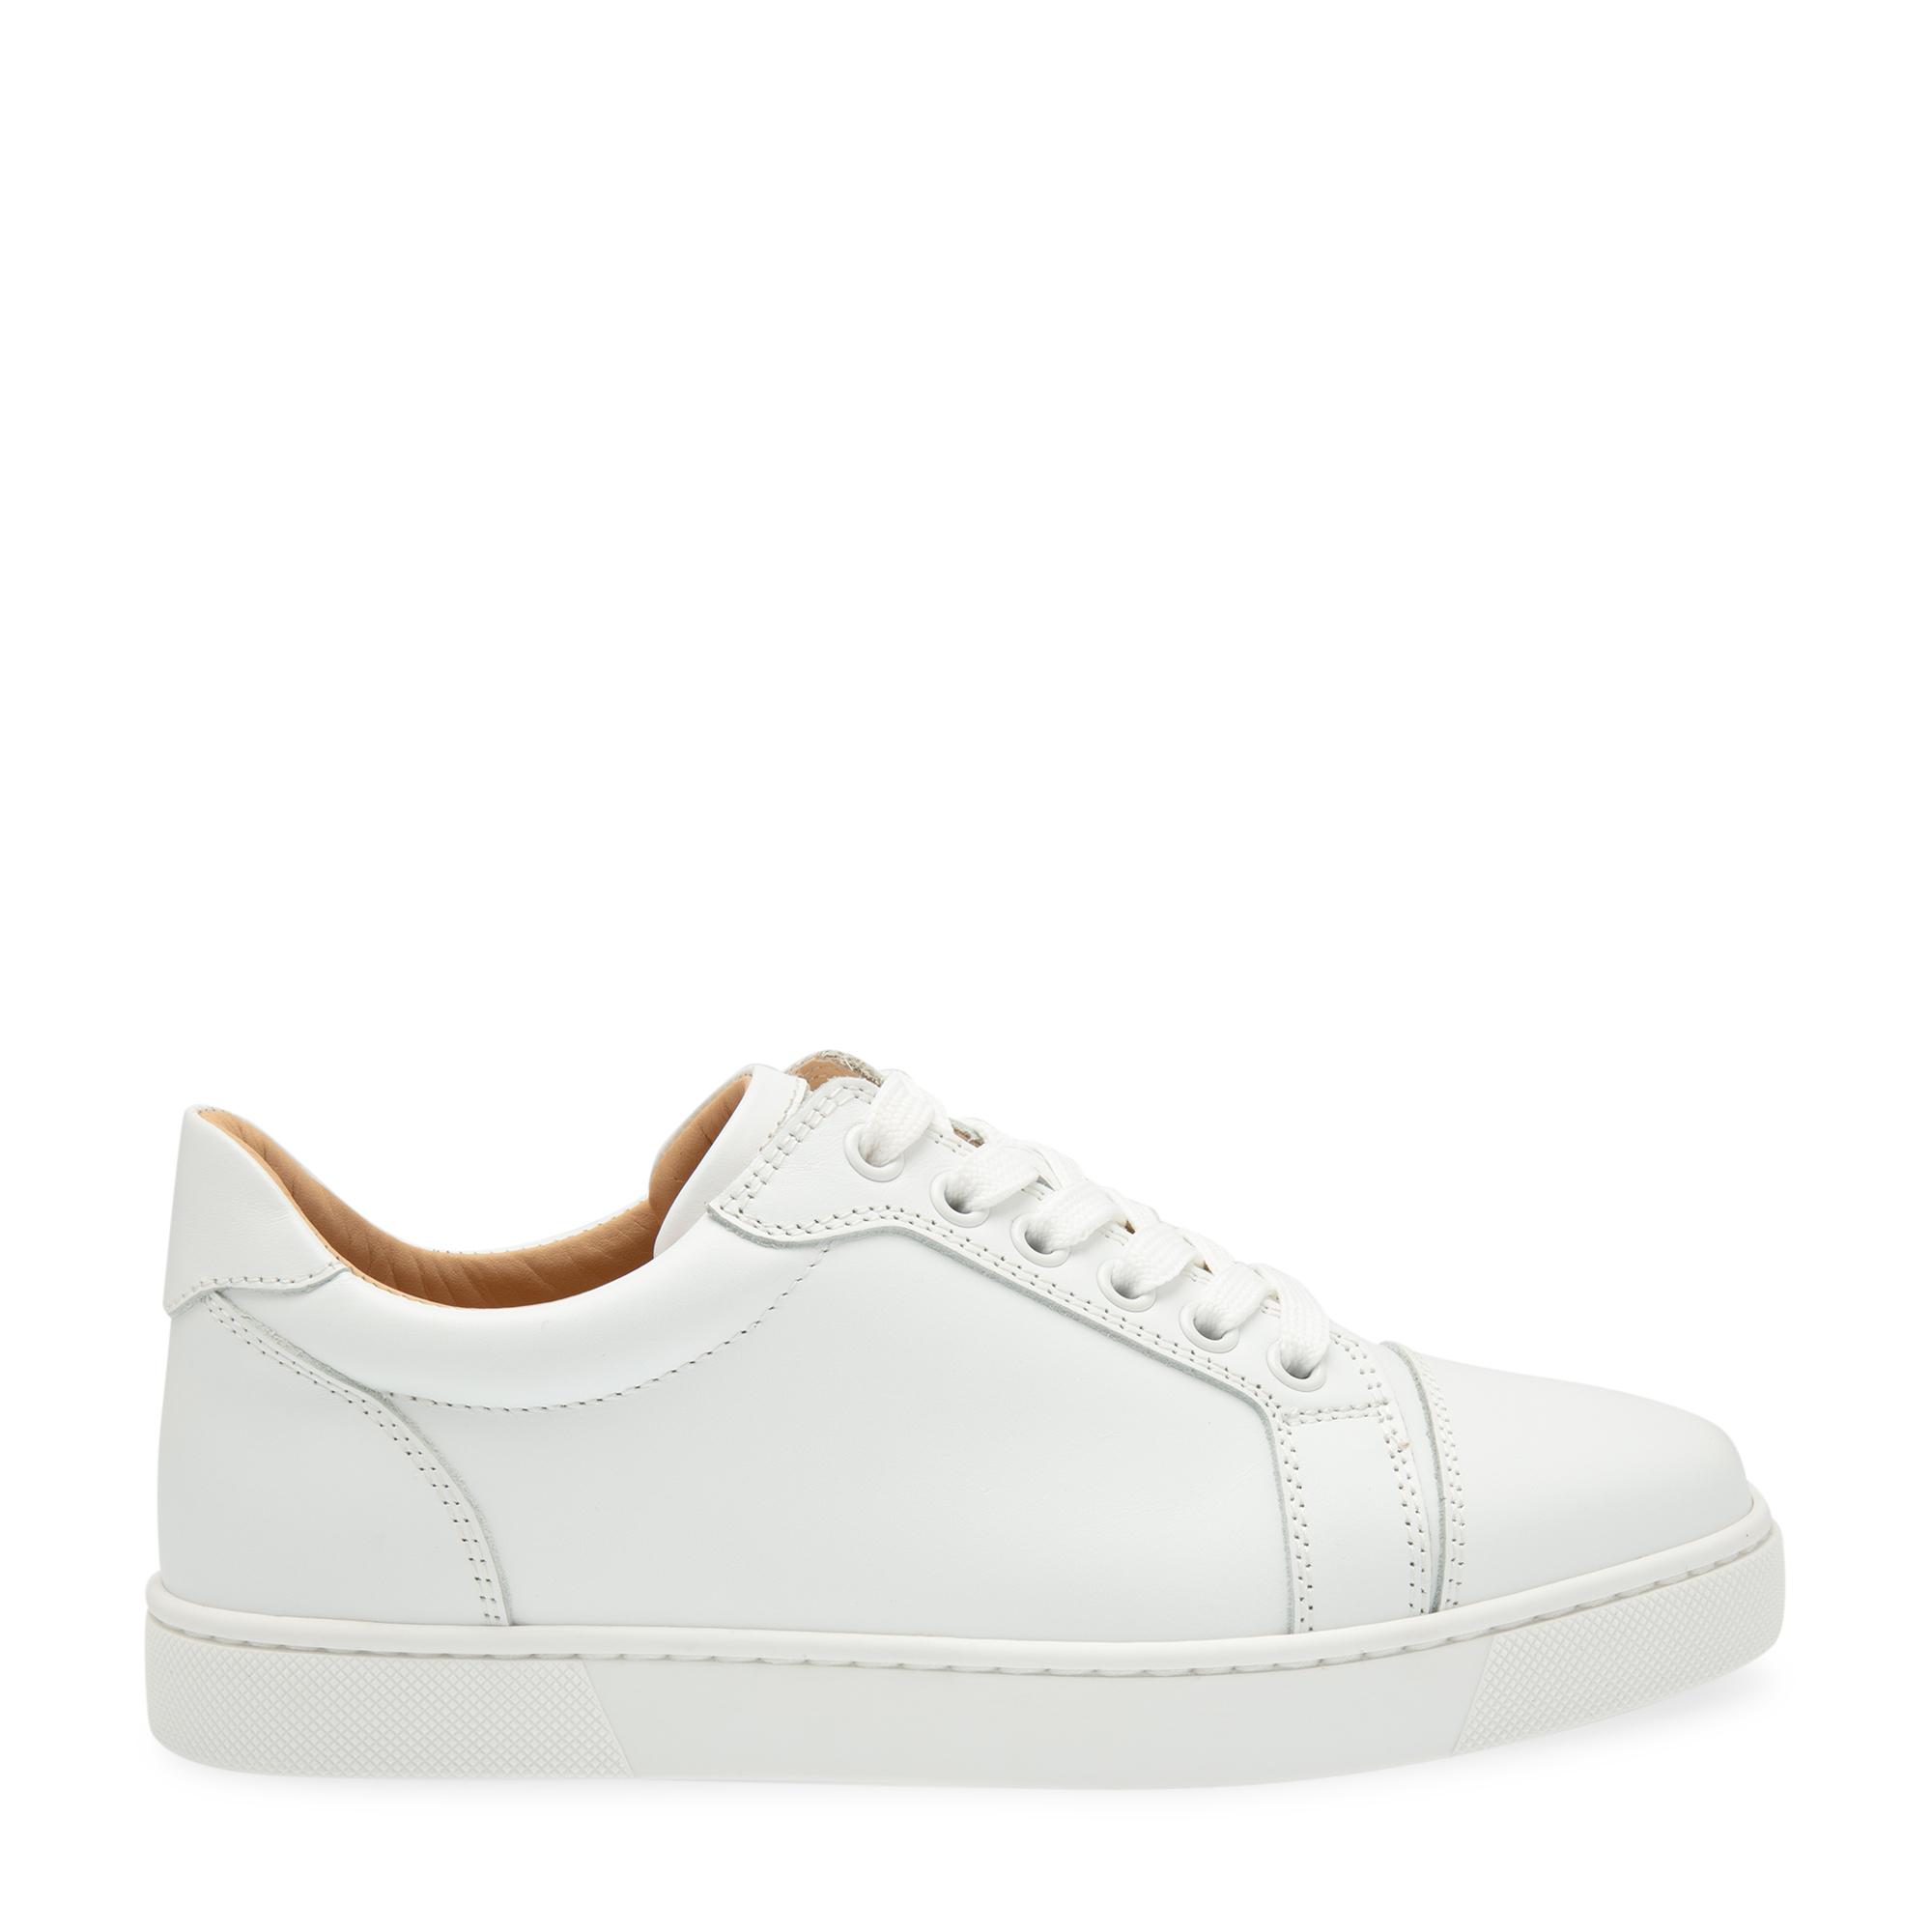 Vieira sneakers